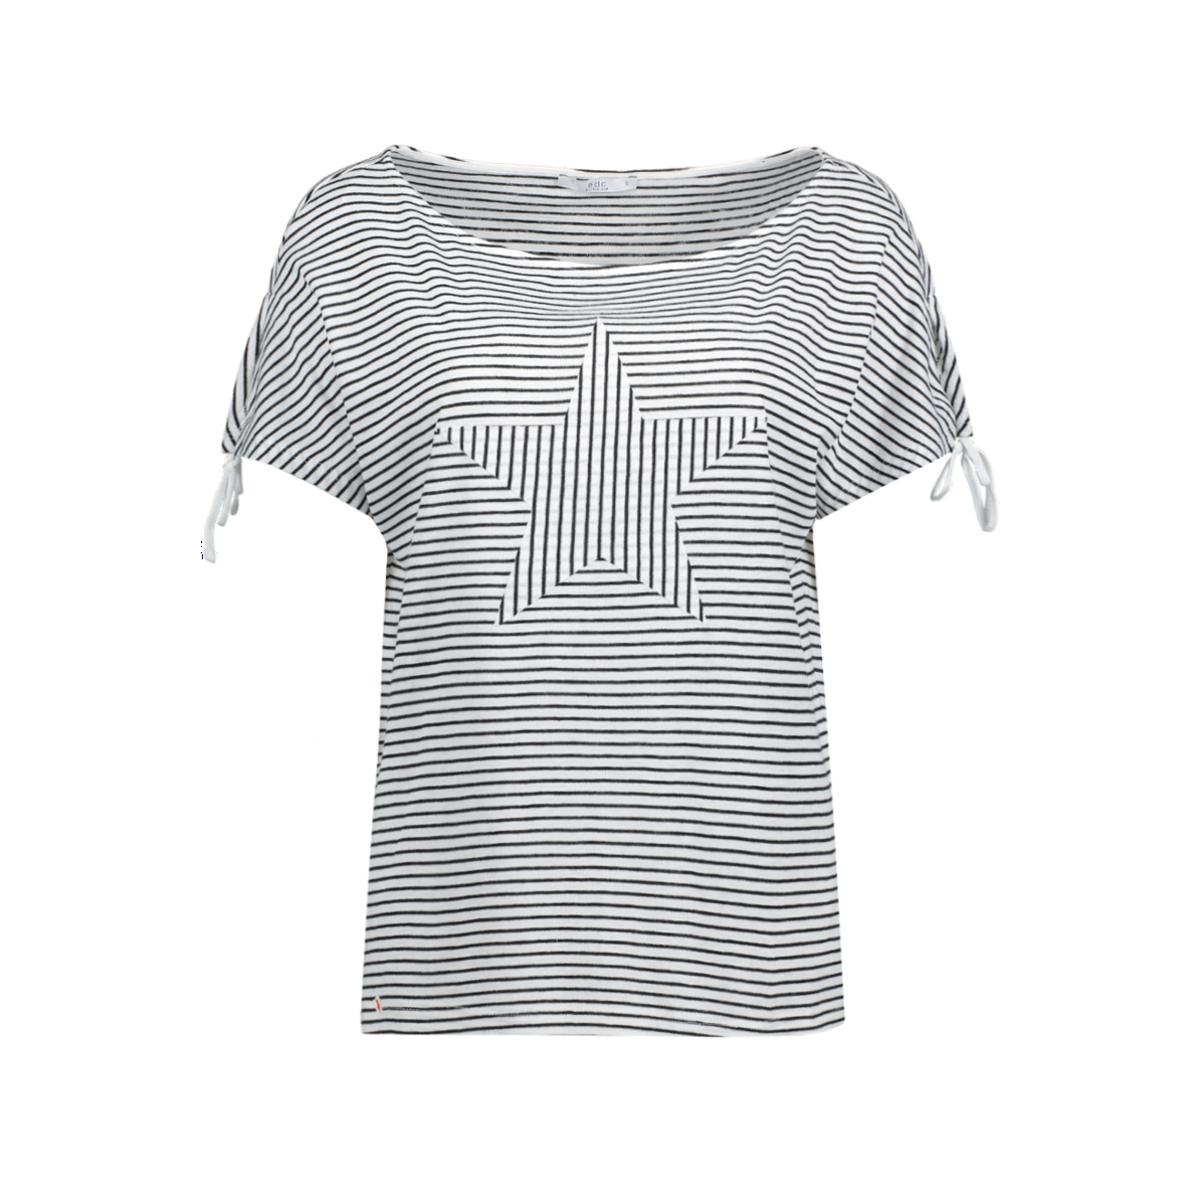 077cc1k039 edc t-shirt c110